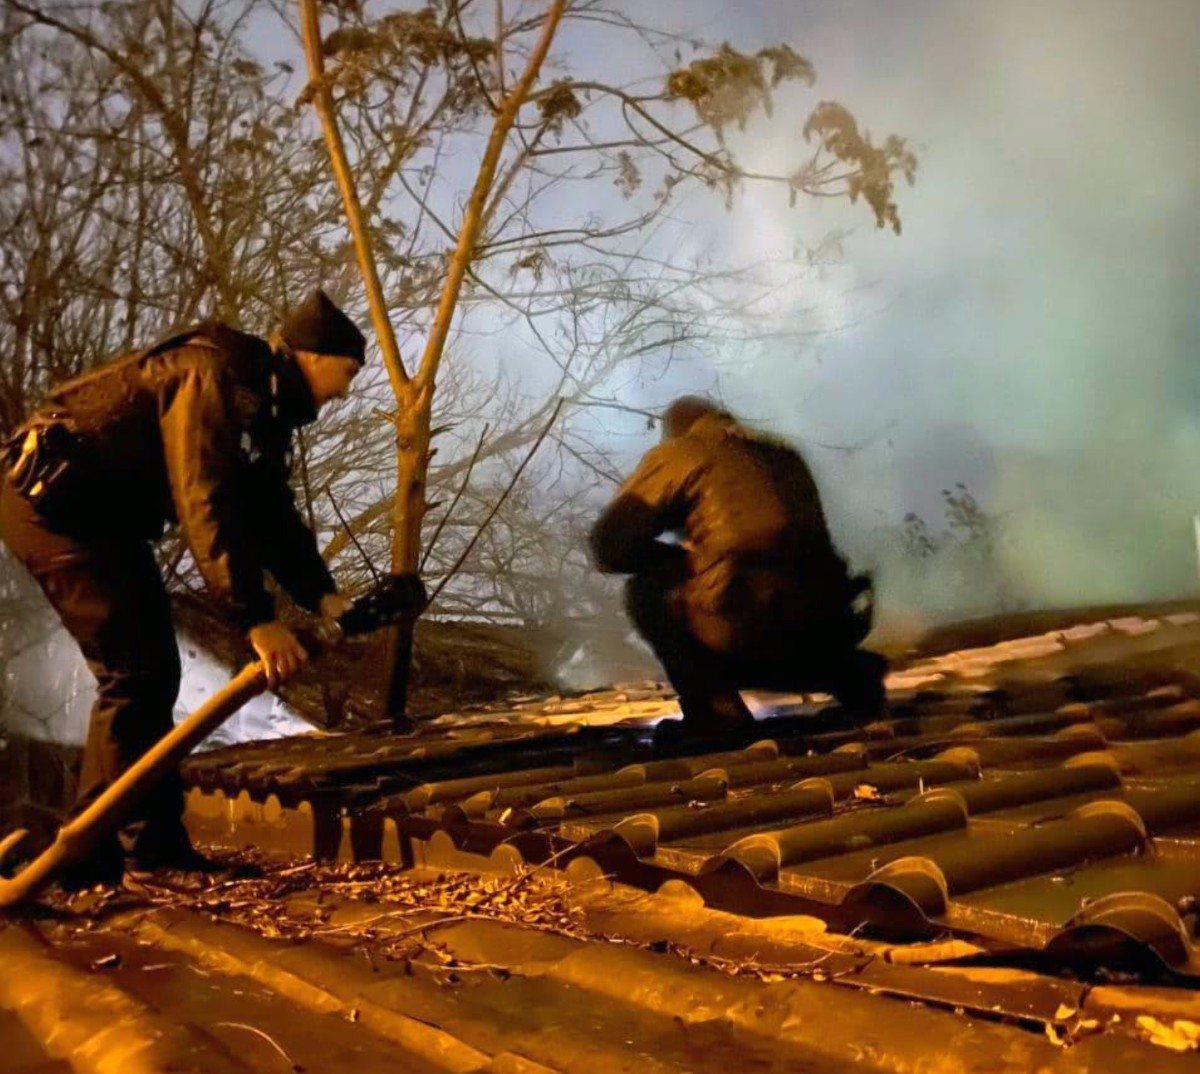 Херсонские патрульные потушили пожар дома в Днепровском районе